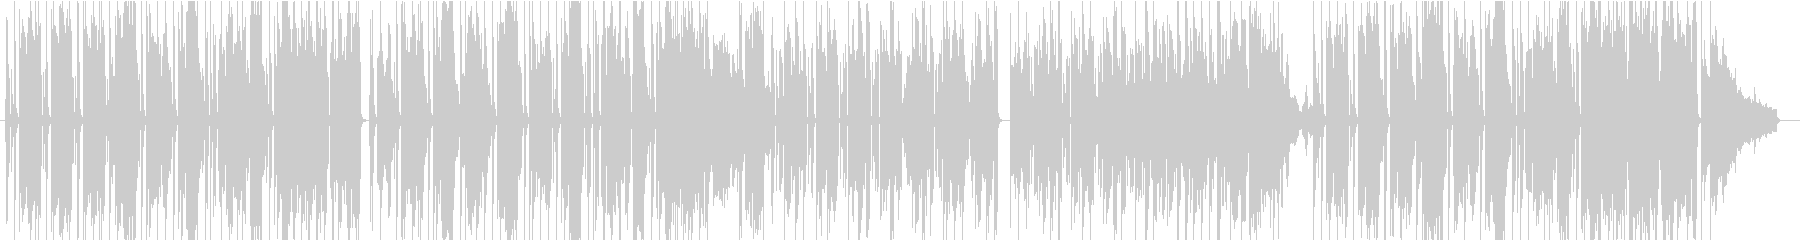 アニメ CM ほのぼの まったりの未再生の波形